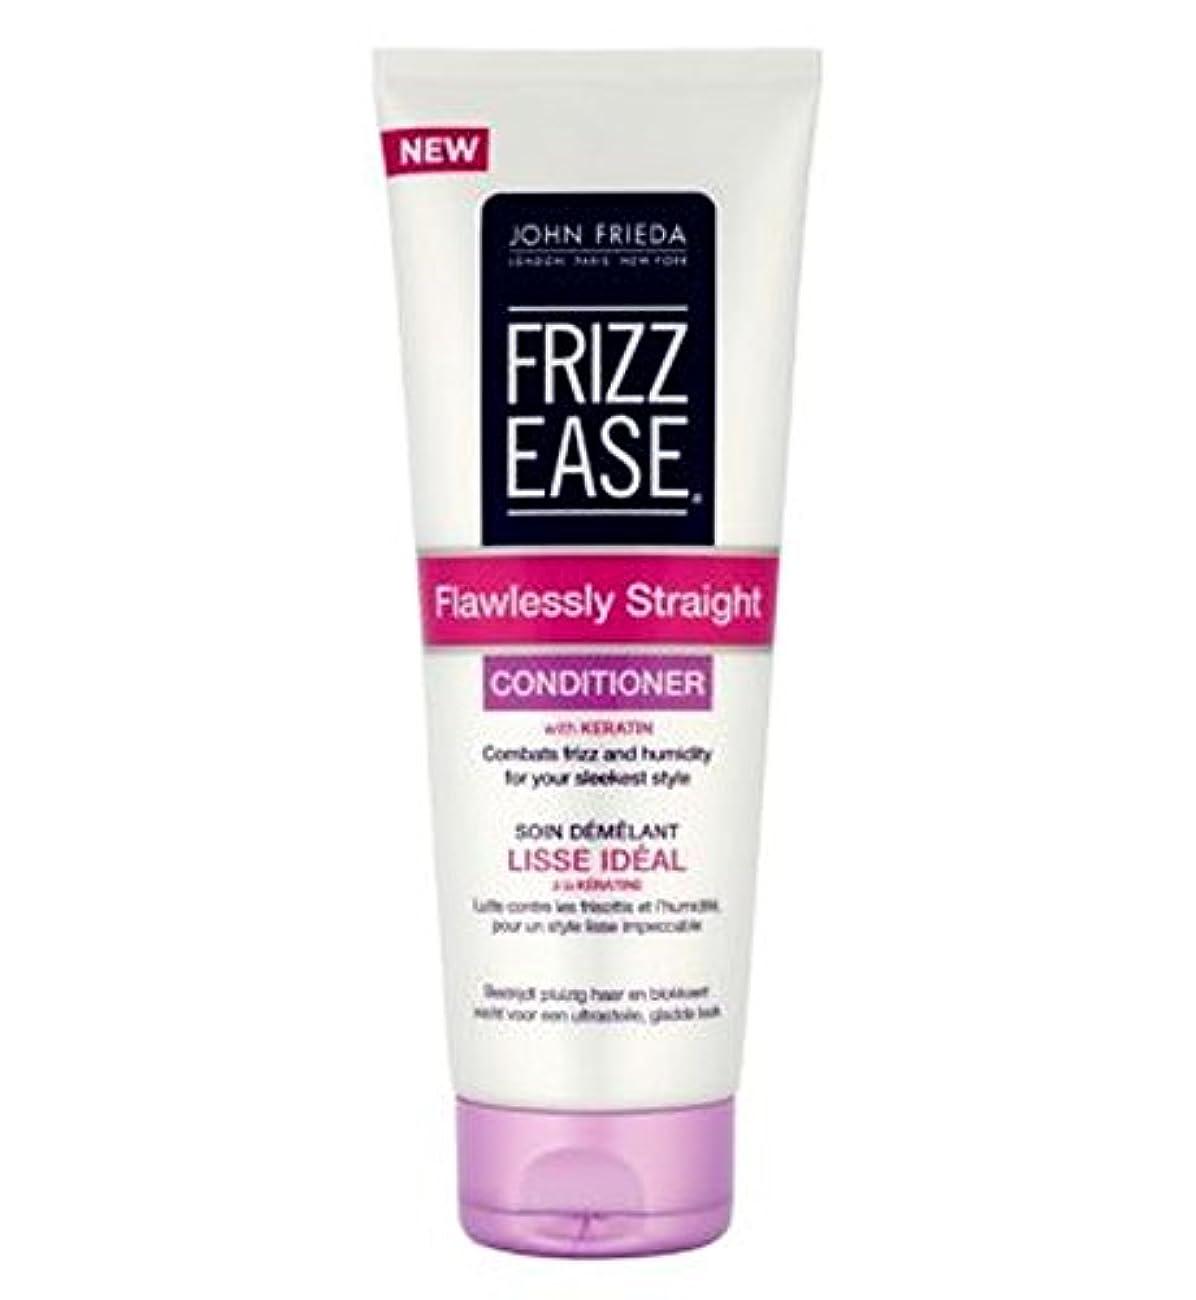 共同選択ホールドオールヒットジョン?フリーダ縮れ-容易完璧ストレートコンディショナー250Ml (John Frieda) (x2) - John Frieda Frizz-Ease Flawlessly Straight Conditioner...